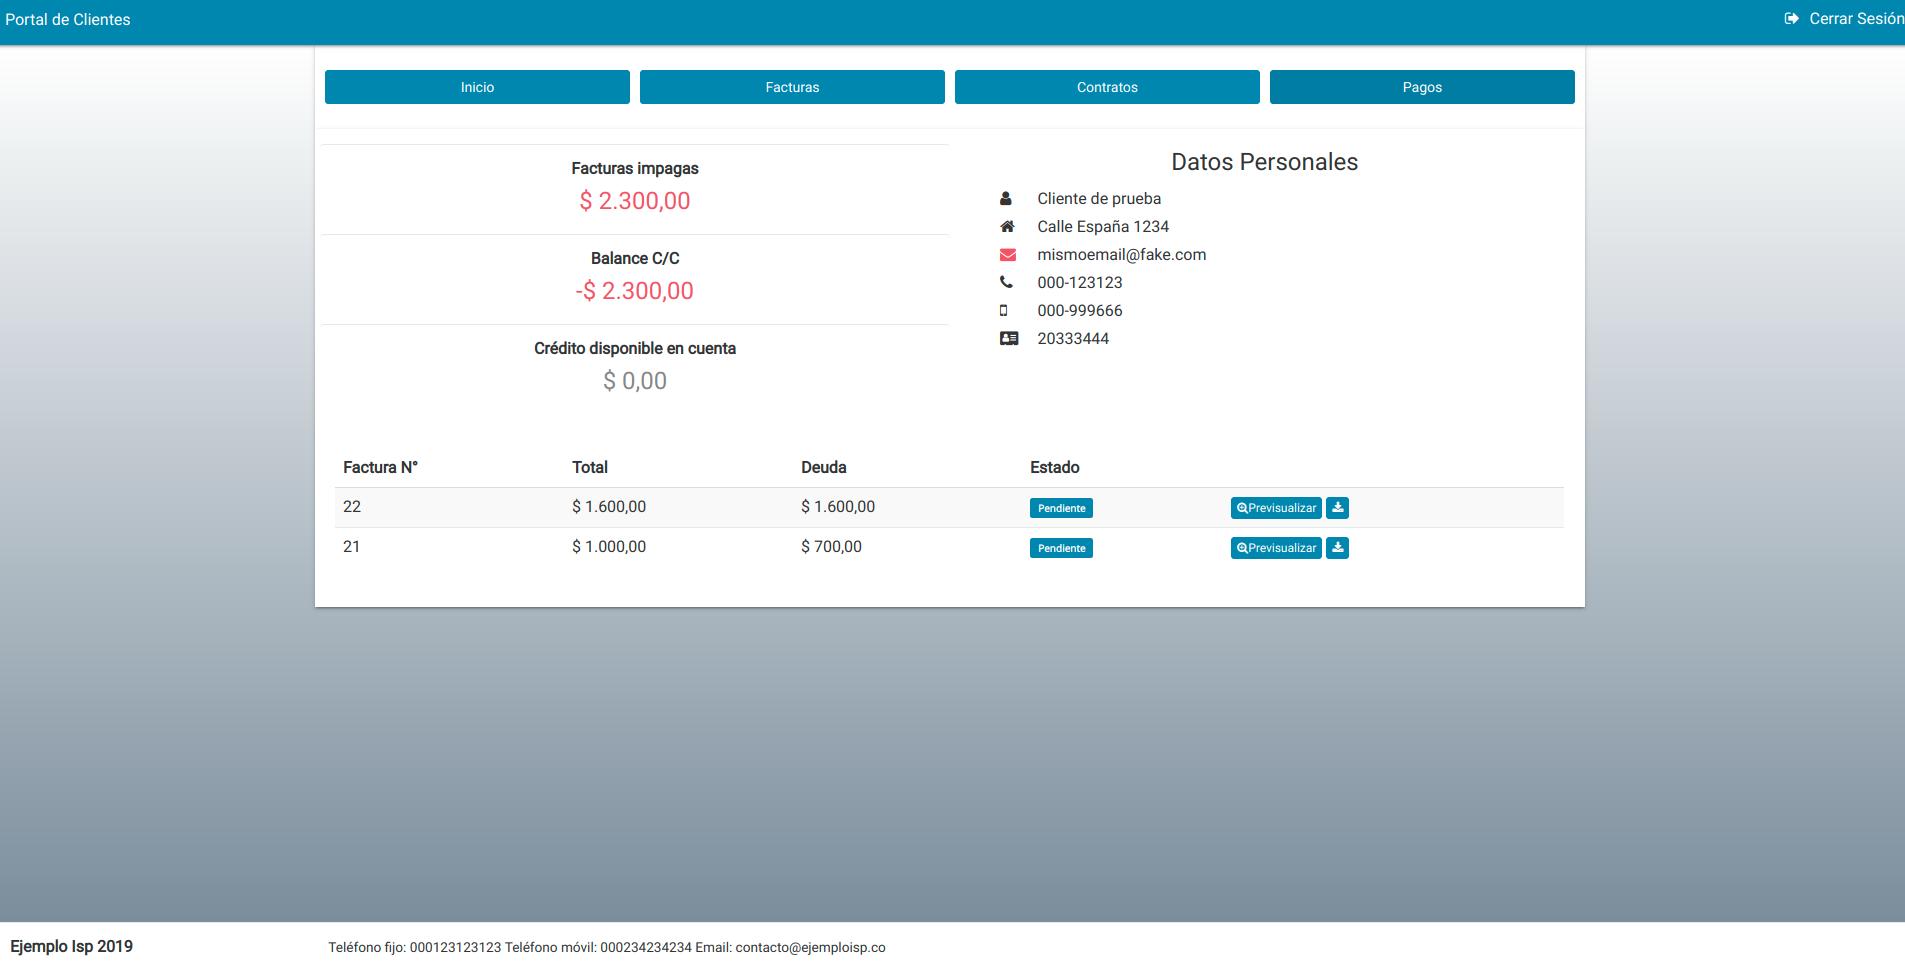 Vista principal del Portal de Clientes